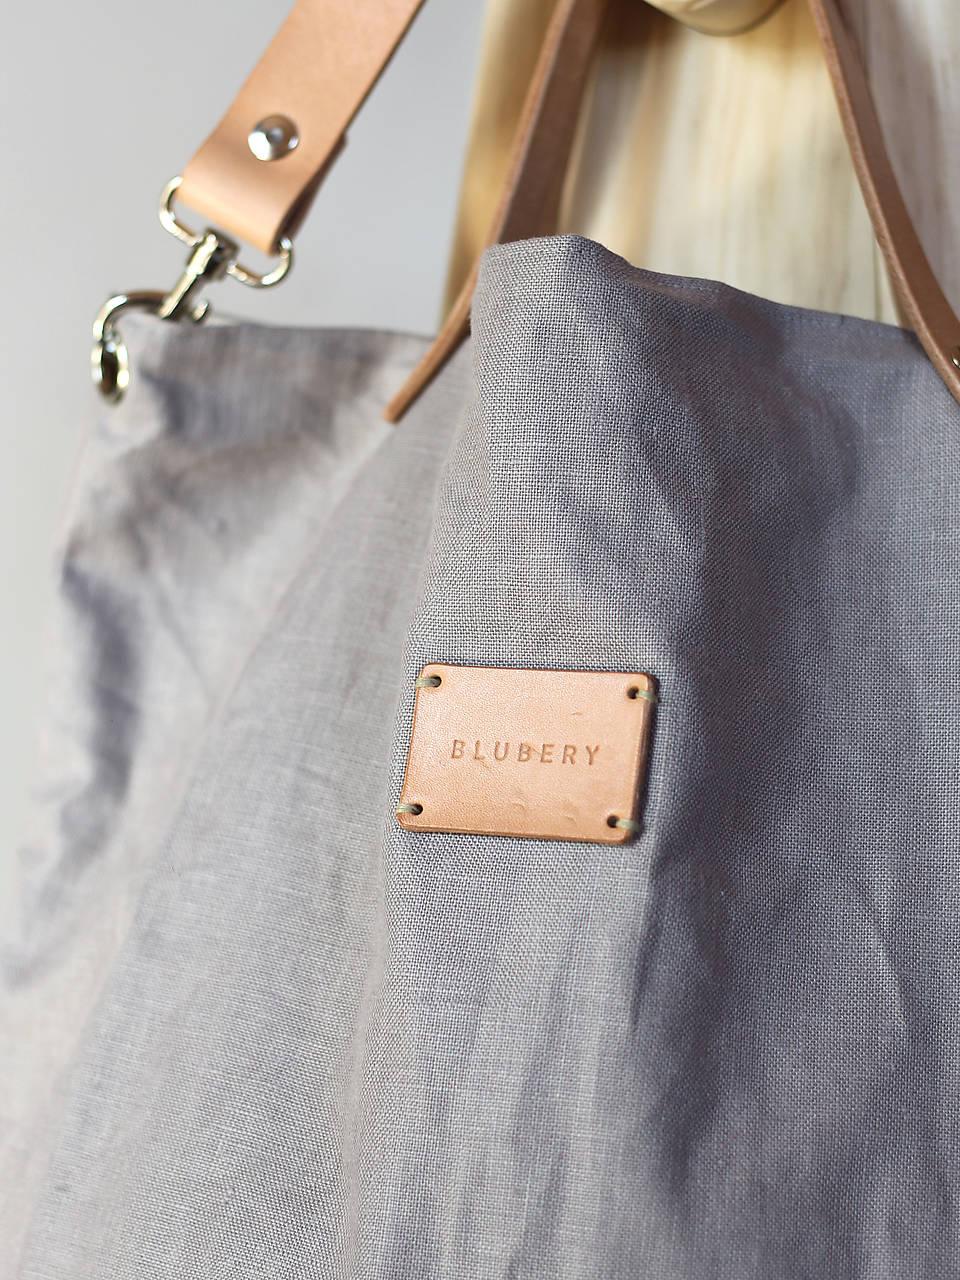 ... Dámska elegantná kabelka zo šedého ľanu s koženými remienkami ... d4c823f9e4c